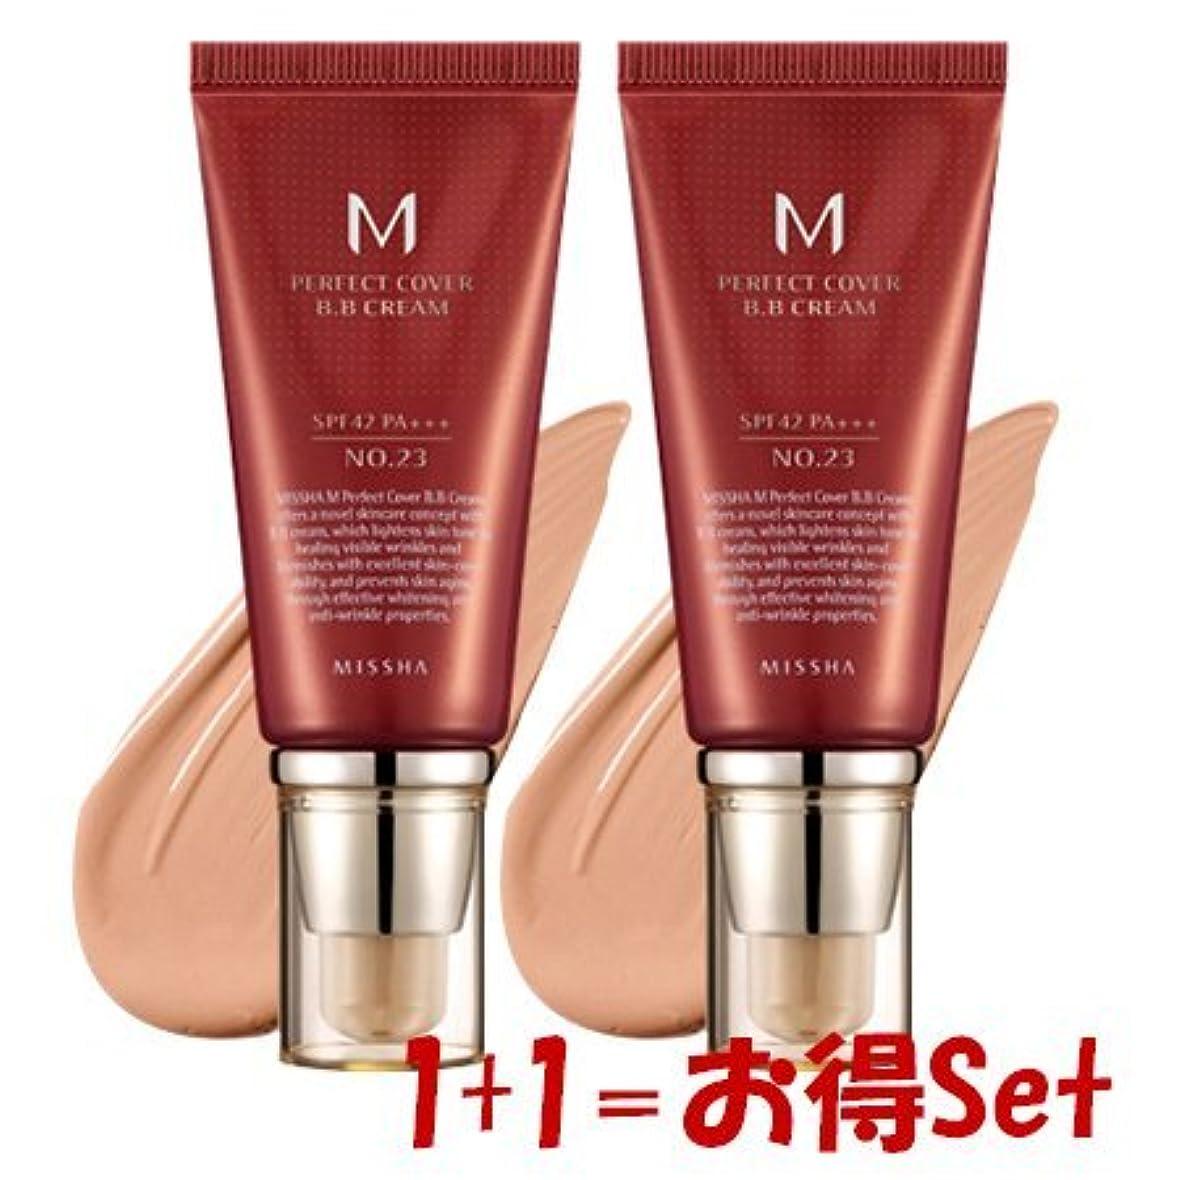 小包トーク嫌悪MISSHA(ミシャ) M Perfect Cover パーフェクトカバーBBクリーム 23号+23号(1+1=お得Set)